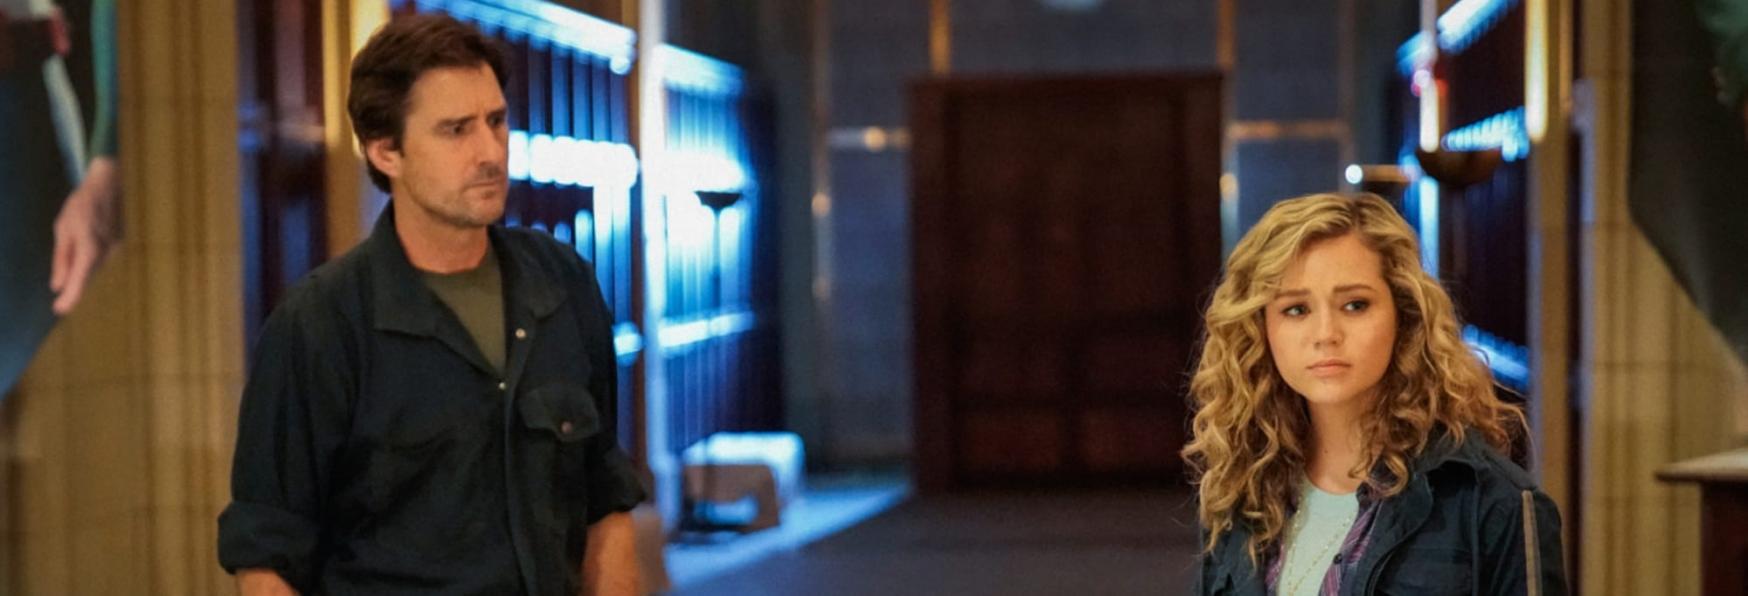 """Stargirl: Online il Trailer dell'Episodio 1x05, intitolato """"Hourman and Dr. Mid-Nite"""""""